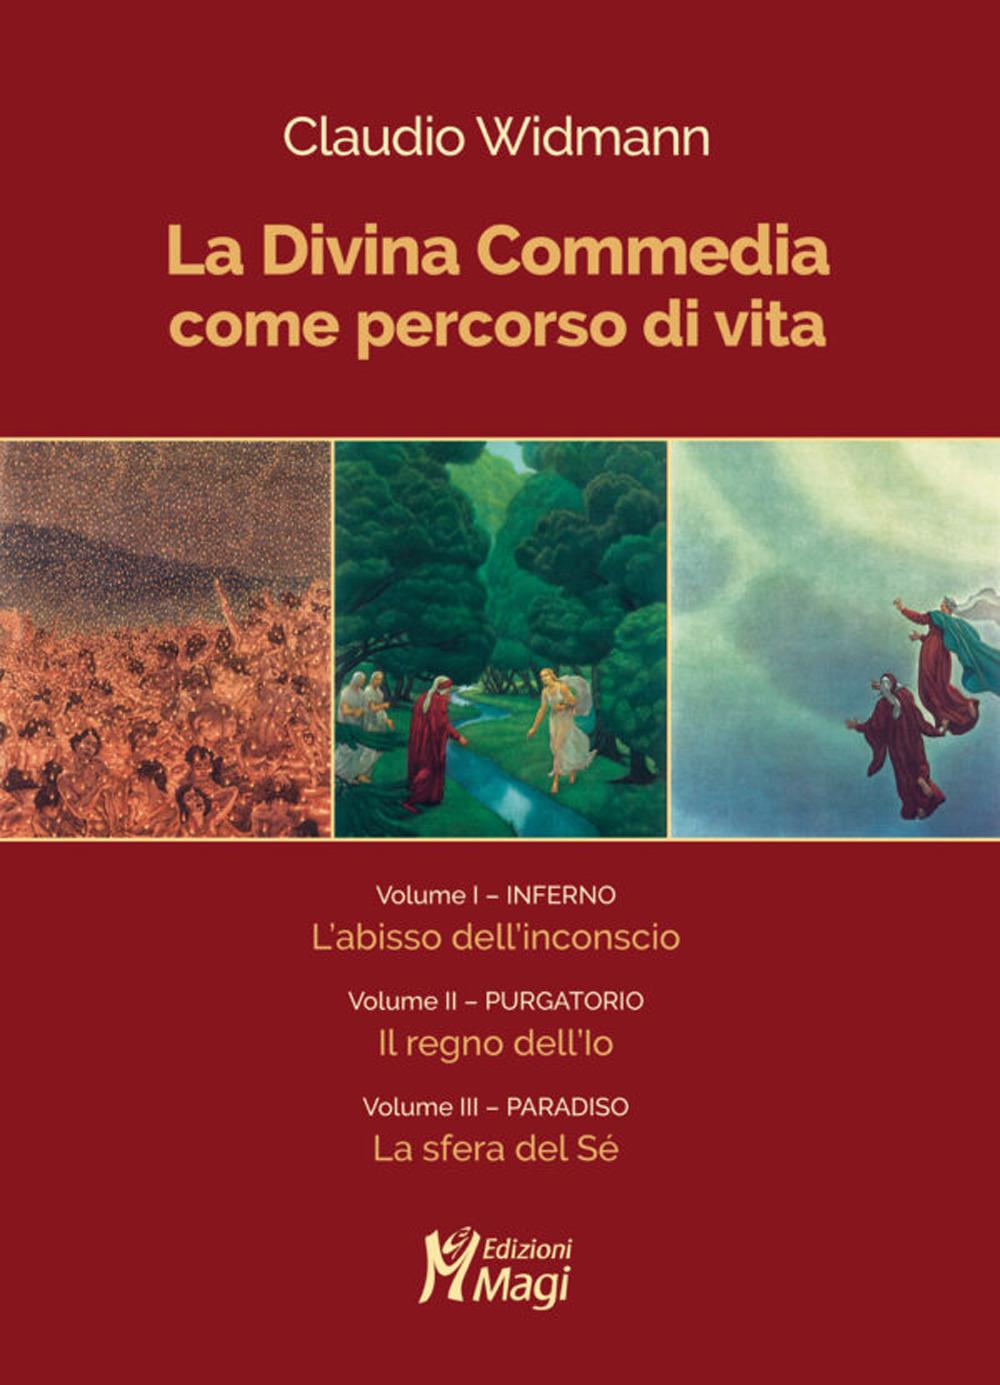 La Divina Commedia come percorso di vita